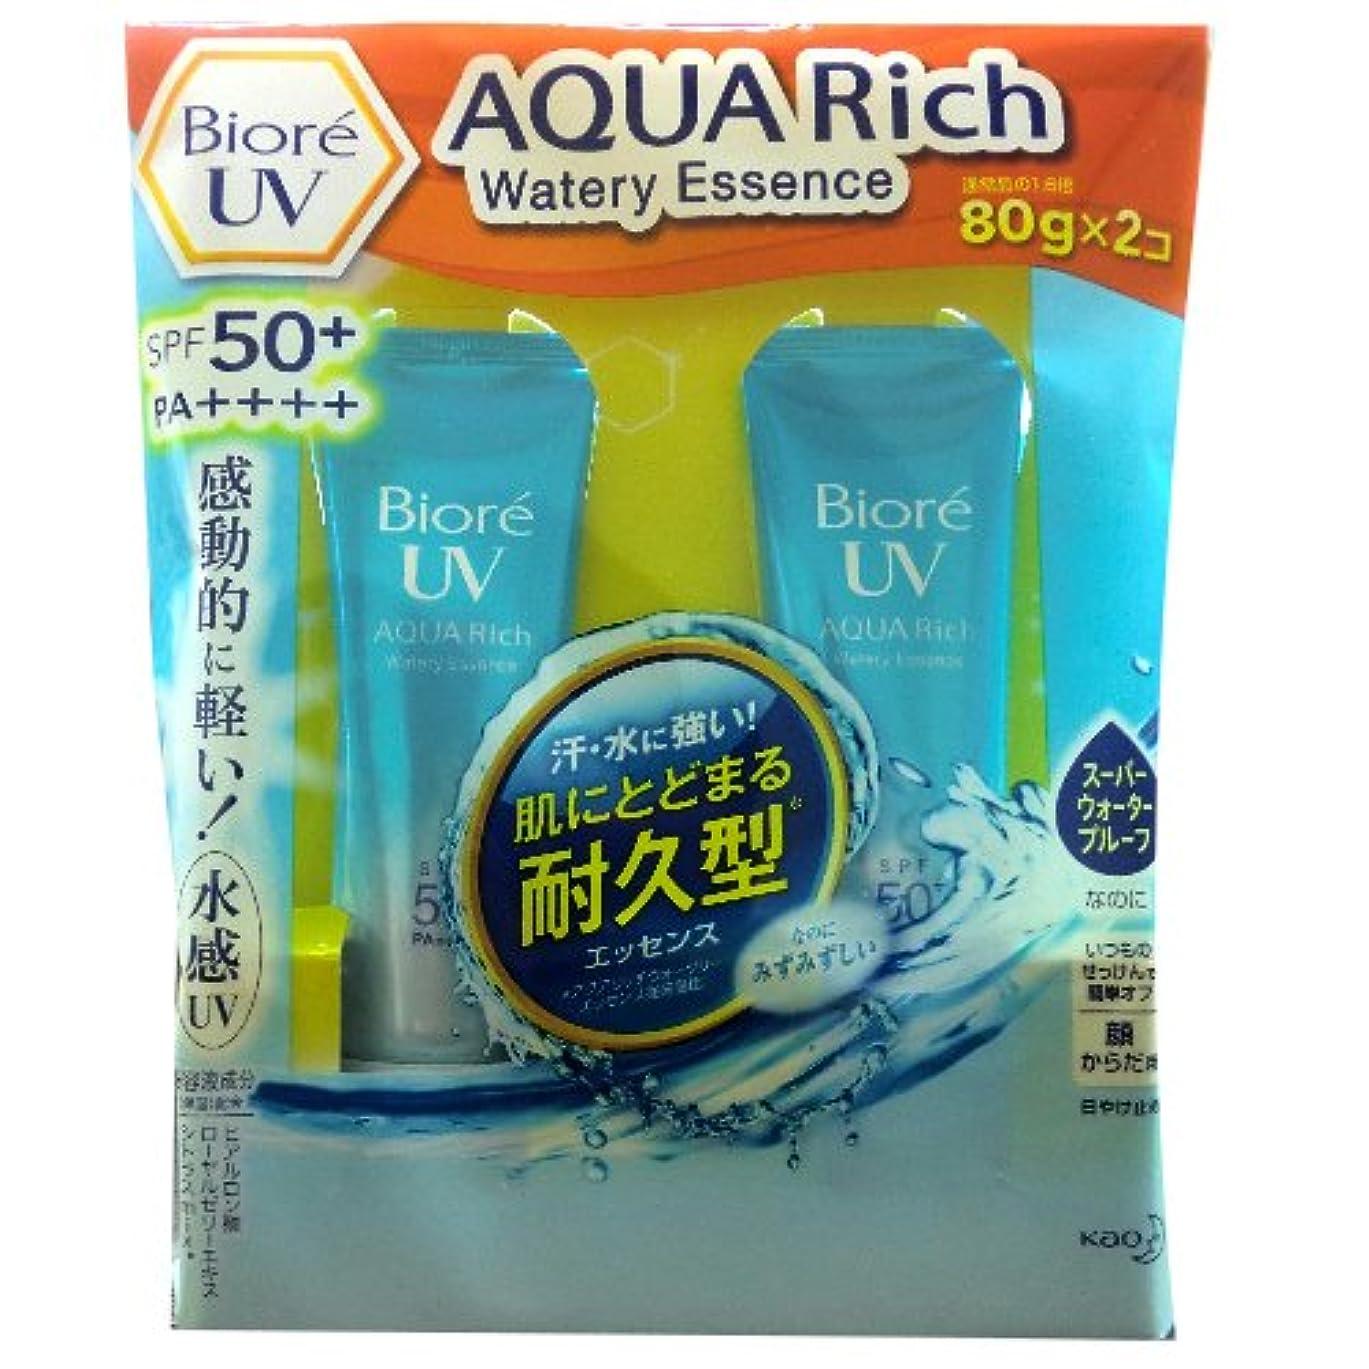 むさぼり食うひそかにファンブルBiore UV AQUA Rich Watery Essence 80g×2コ